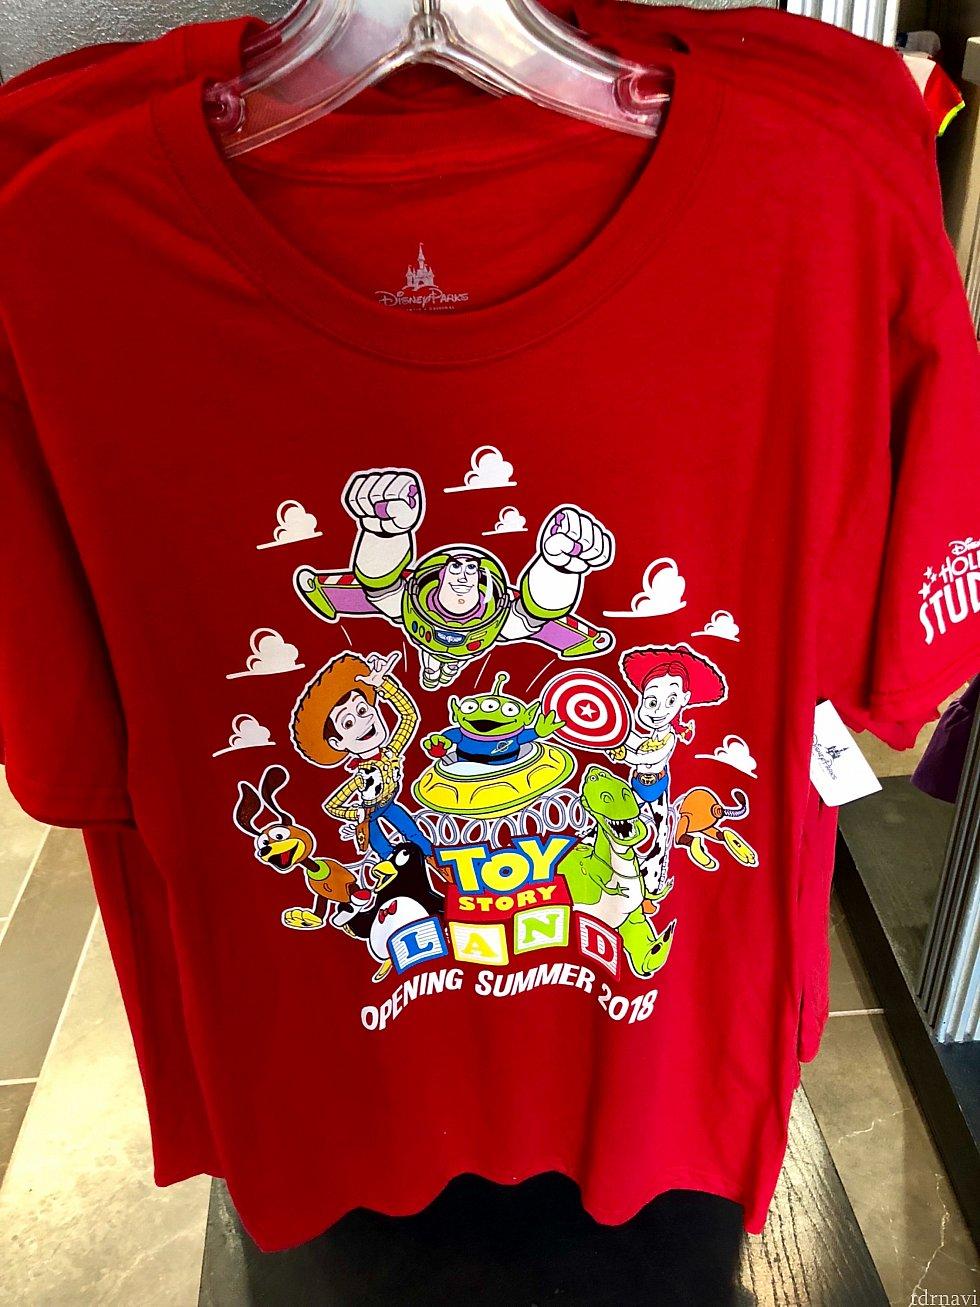 アパレルは思ったより少なかったです。これ子供用っぽいデザインですが、大人用Tシャツです。$27.99